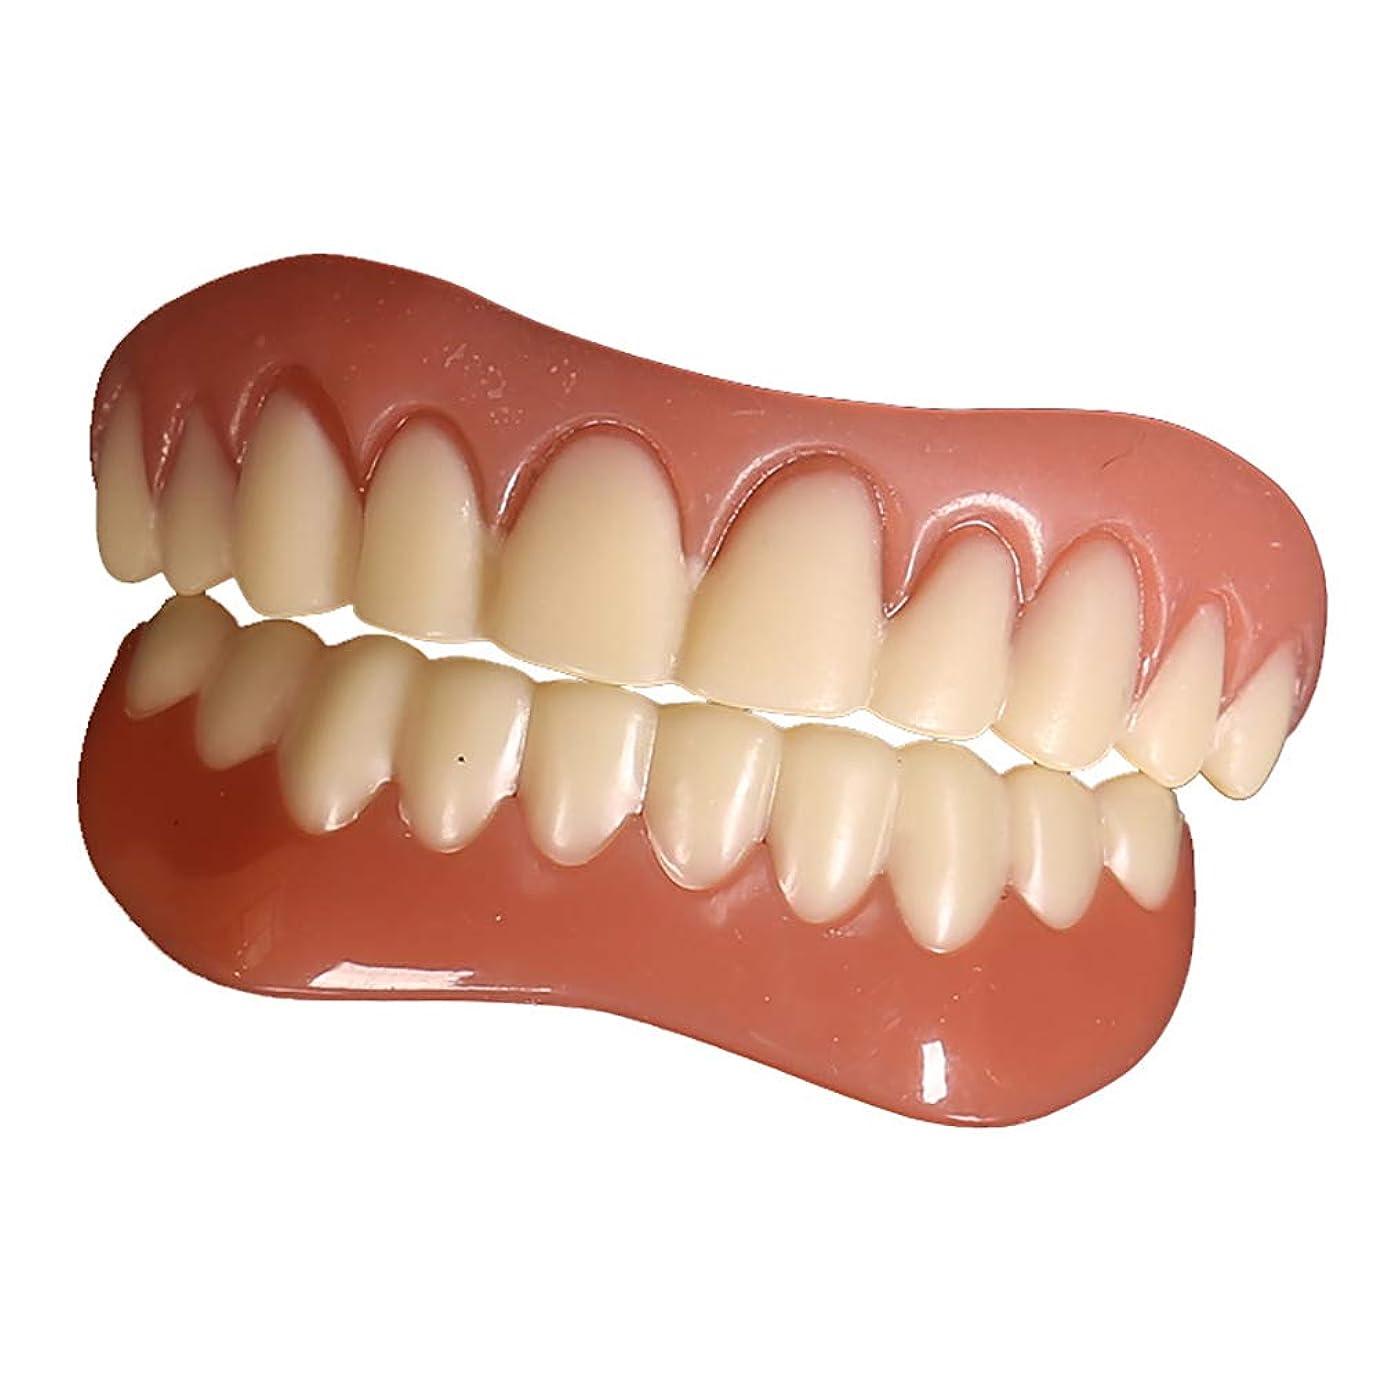 ギャップ無知れんがパーフェクトインスタントスマイルティースベニヤインスタントビューティーデンチャー上下歯2組(フリーサイズ(中))